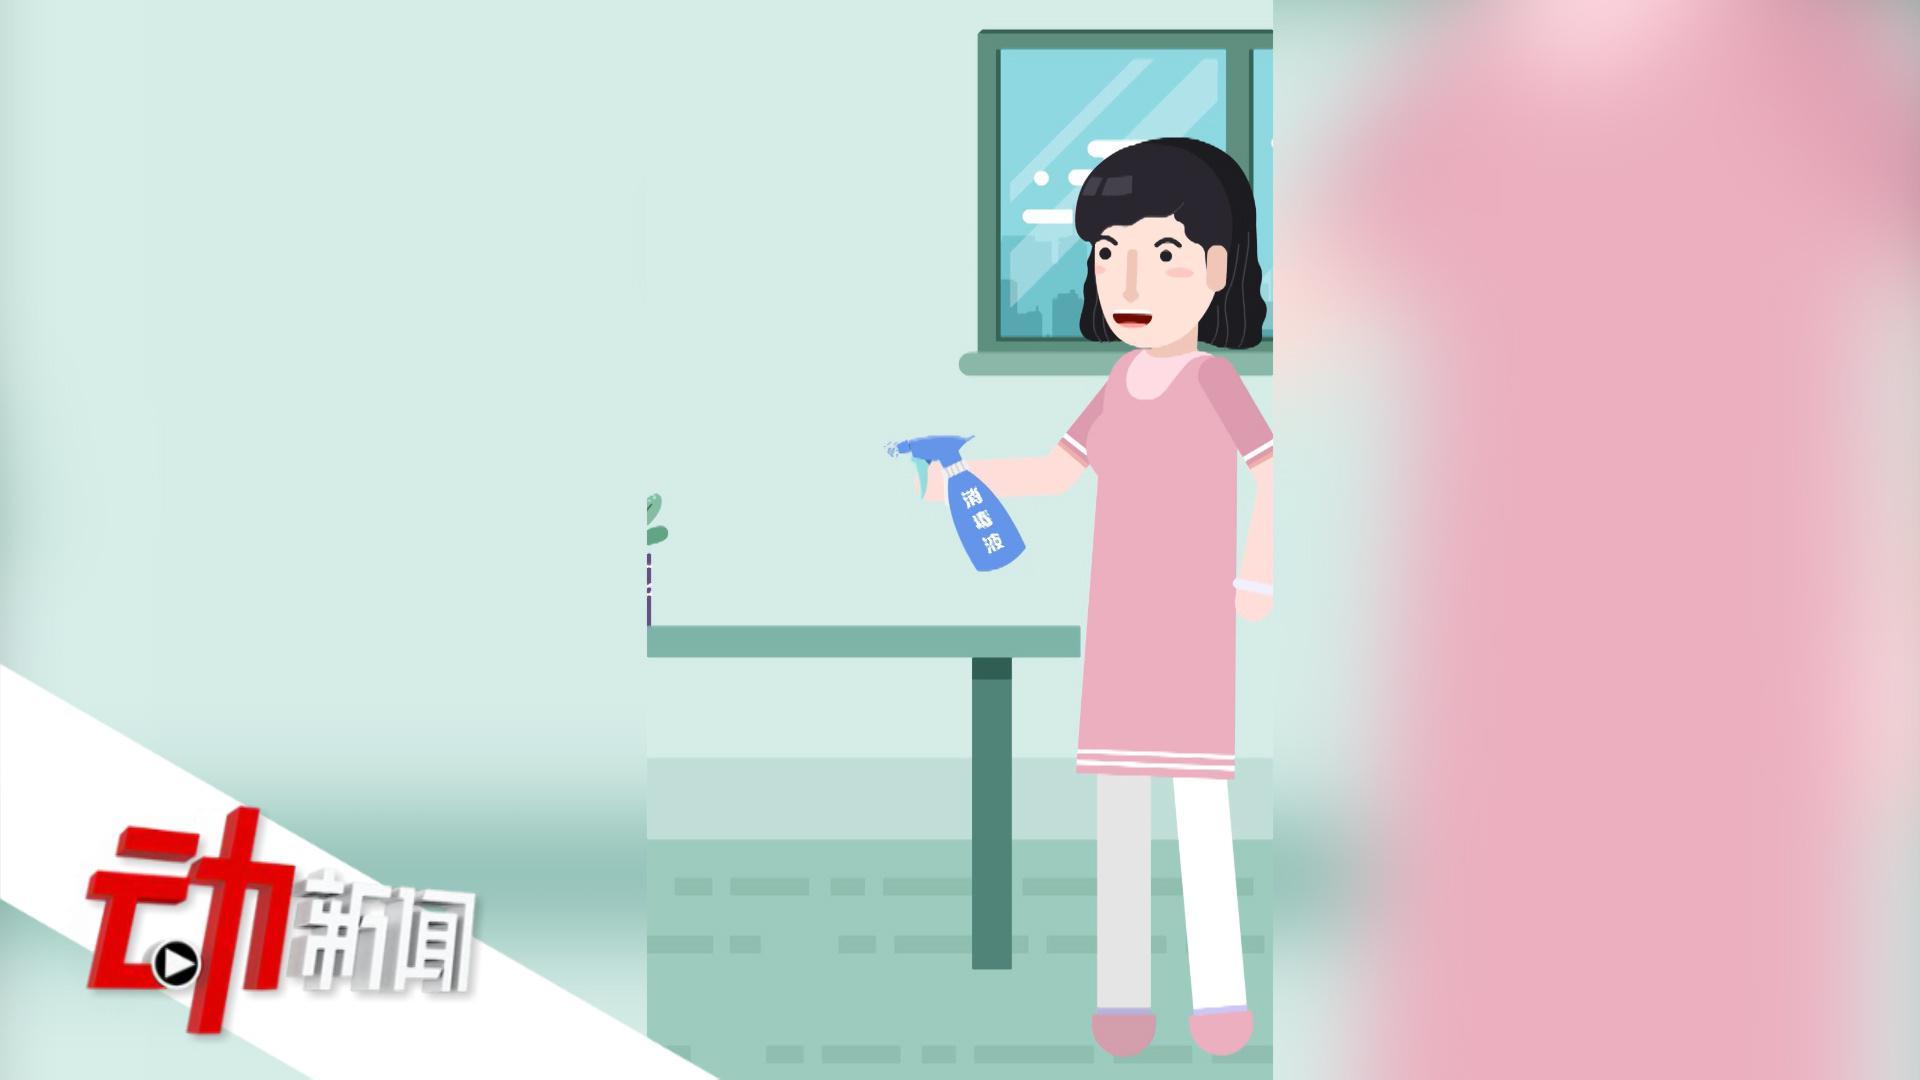 出门穿的衣服需要消毒吗 预防新冠肺炎居家消毒剂怎么用?